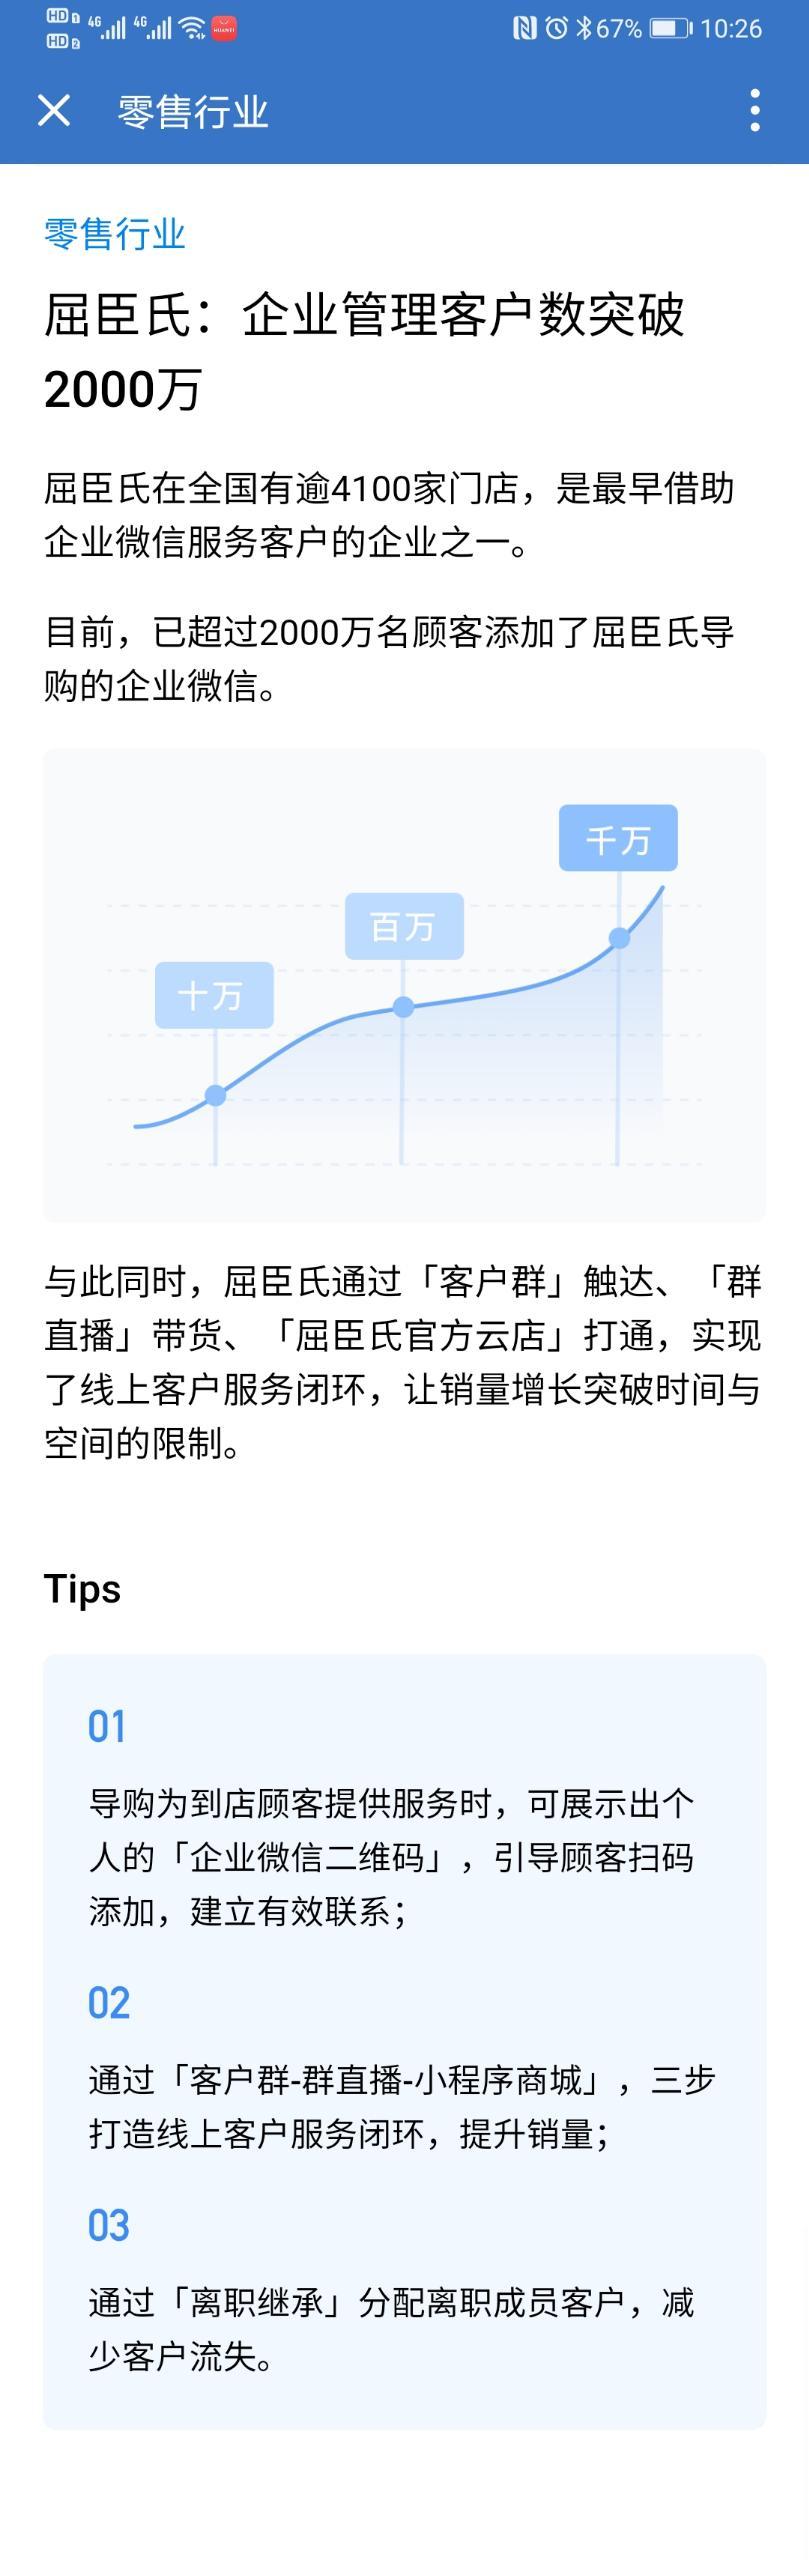 企业微信零售行业案例:屈臣氏:企业管理客户数突破2000万!